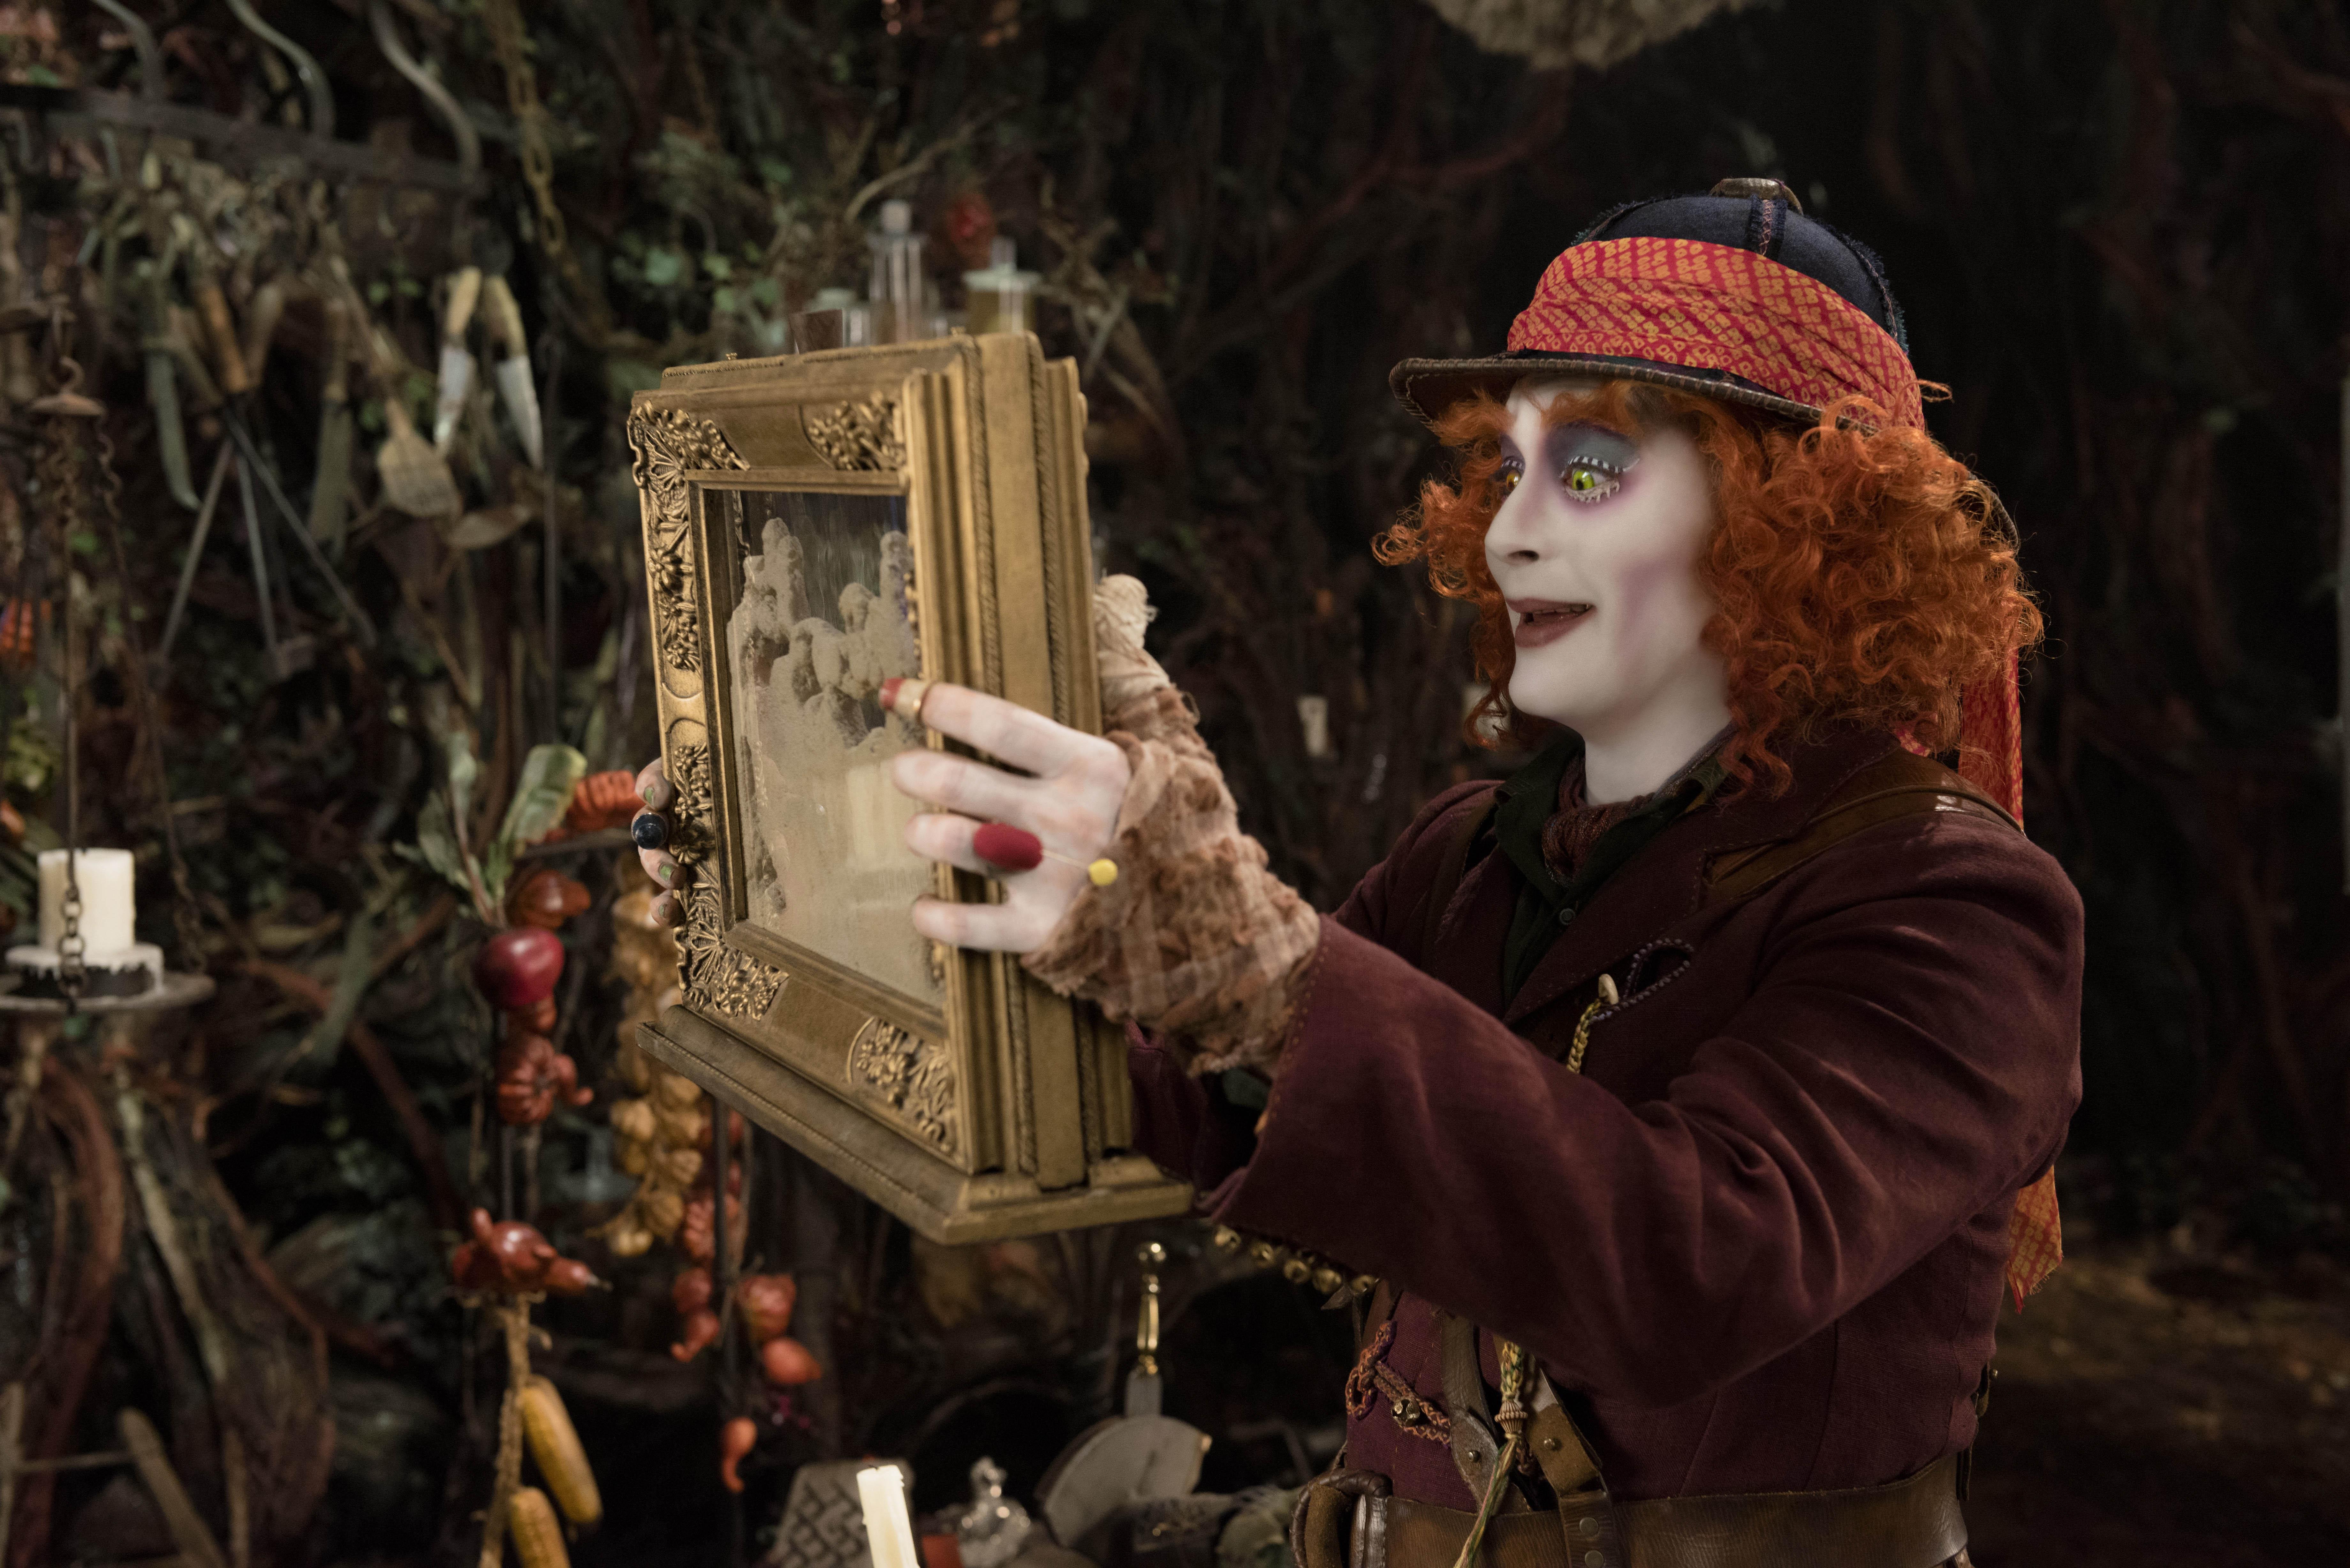 Alenka v říši divů: Za zrcadlem